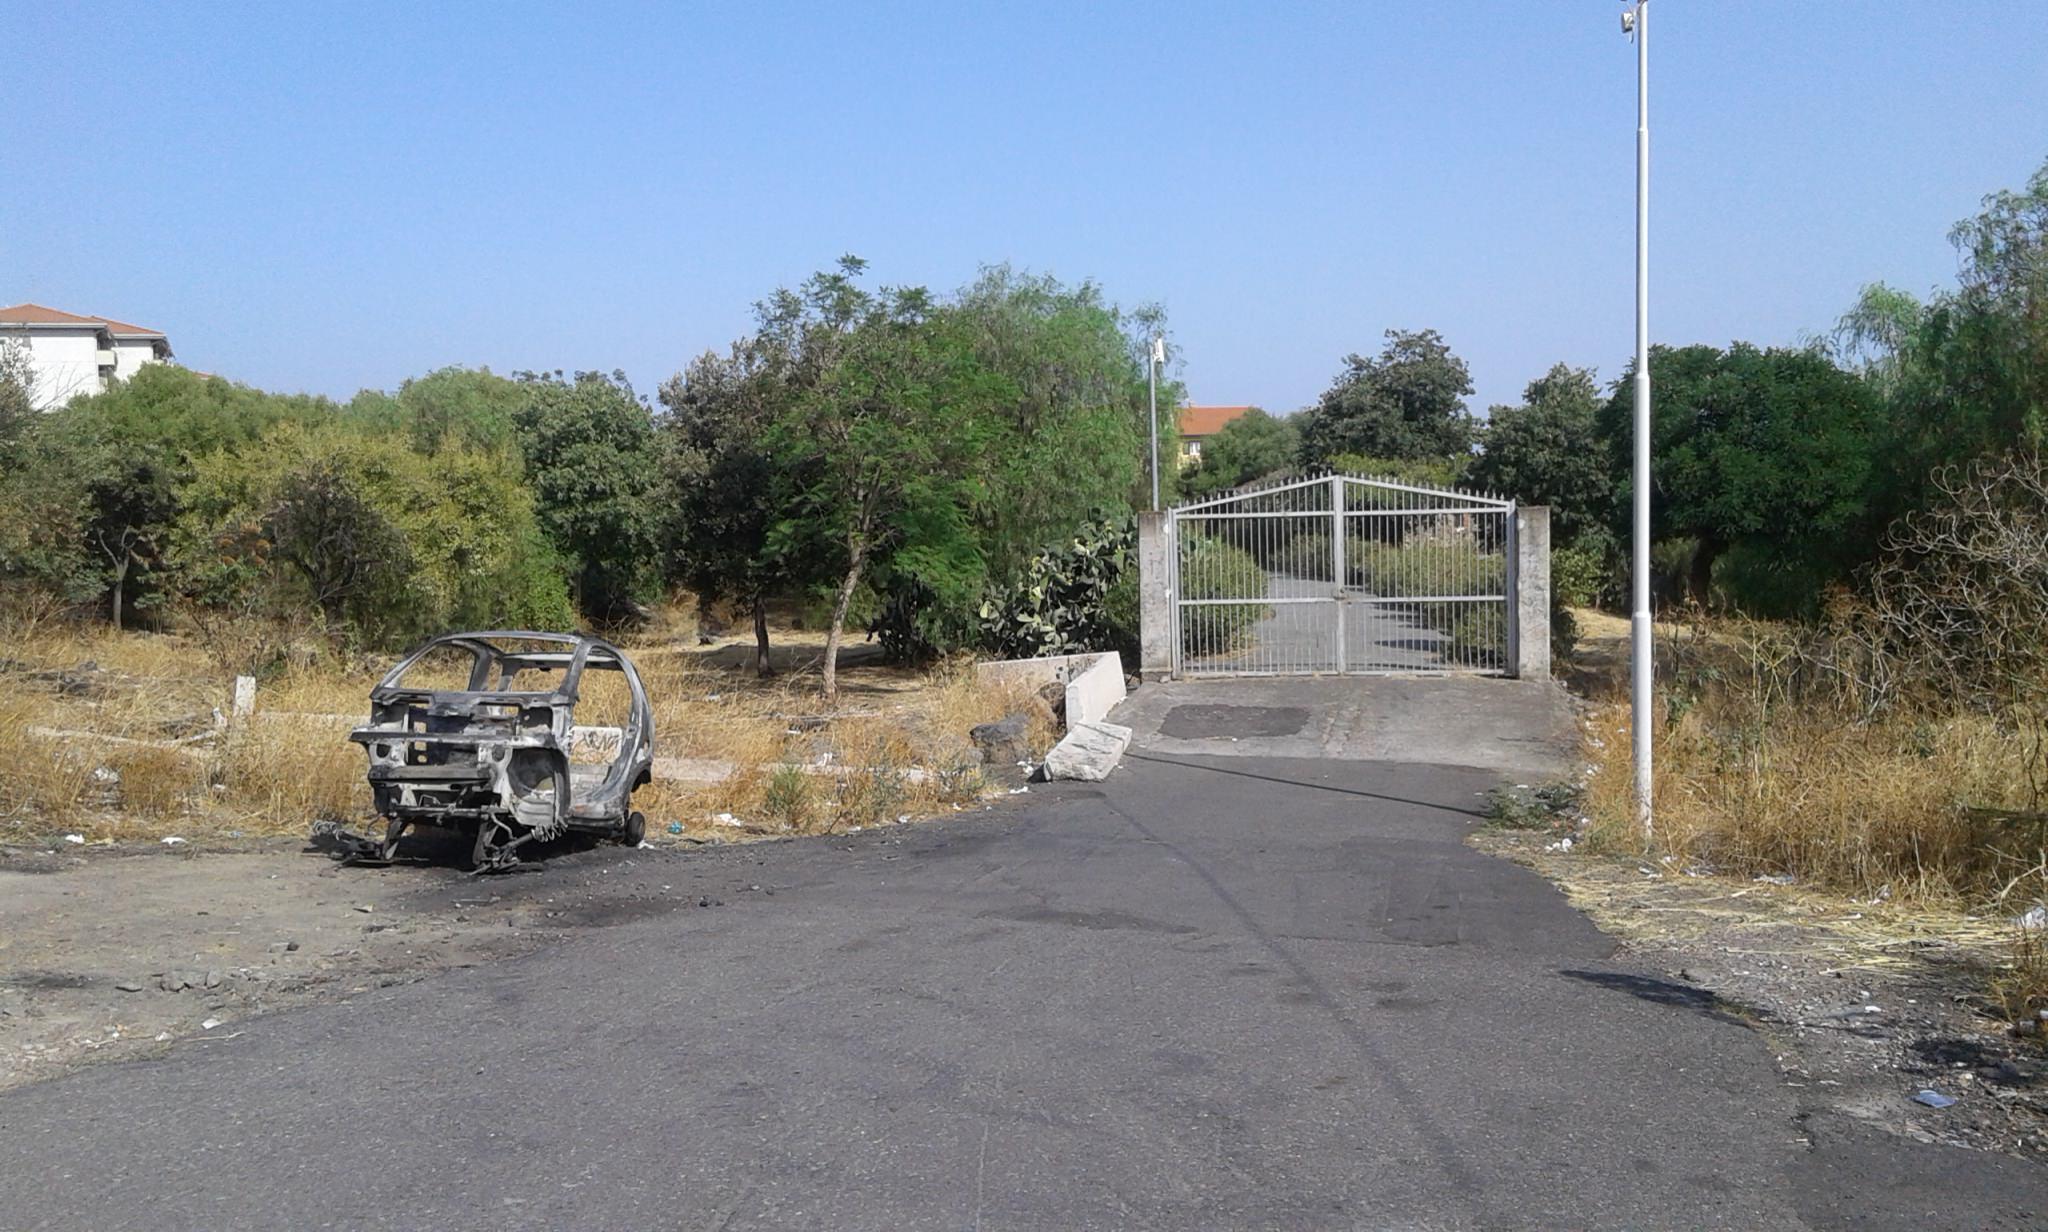 Degrado al parco degli Ulivi: problemi di sicurezza, ma il Comune non interviene